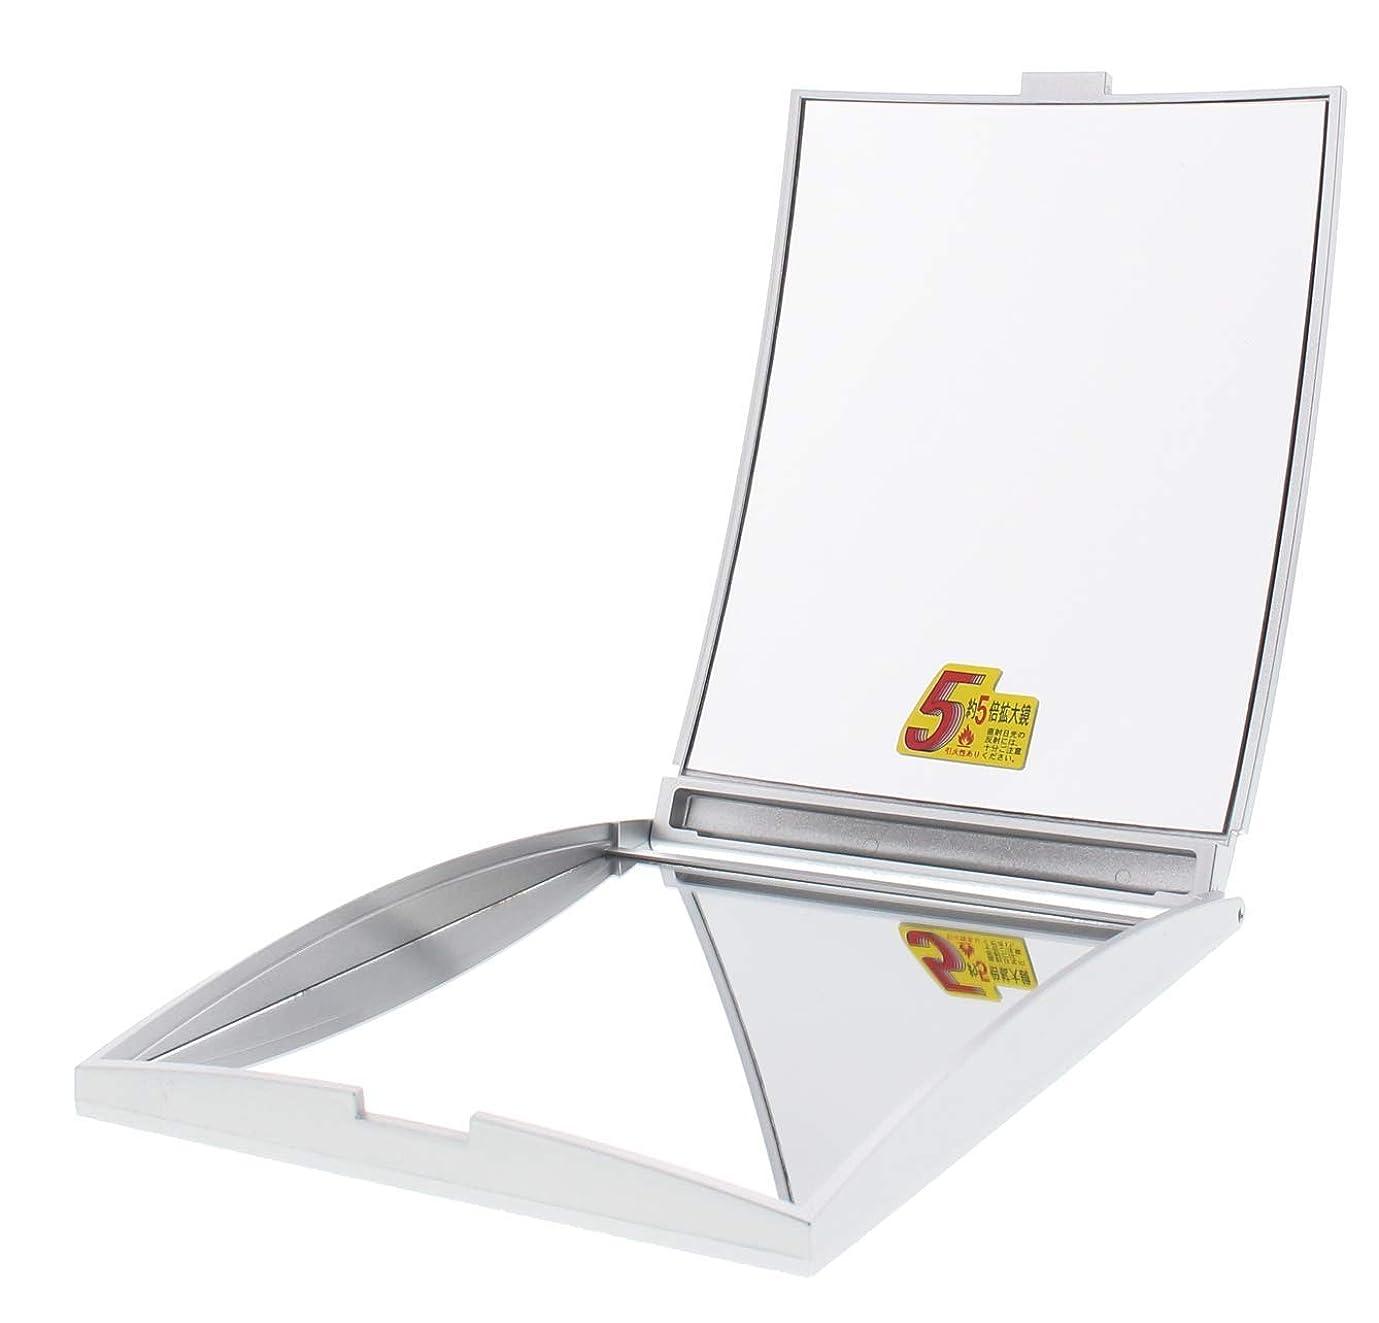 補正技術的な投資するメリー 片面約5倍拡大鏡付コンパクトミラー Lサイズ シルバー AD-104